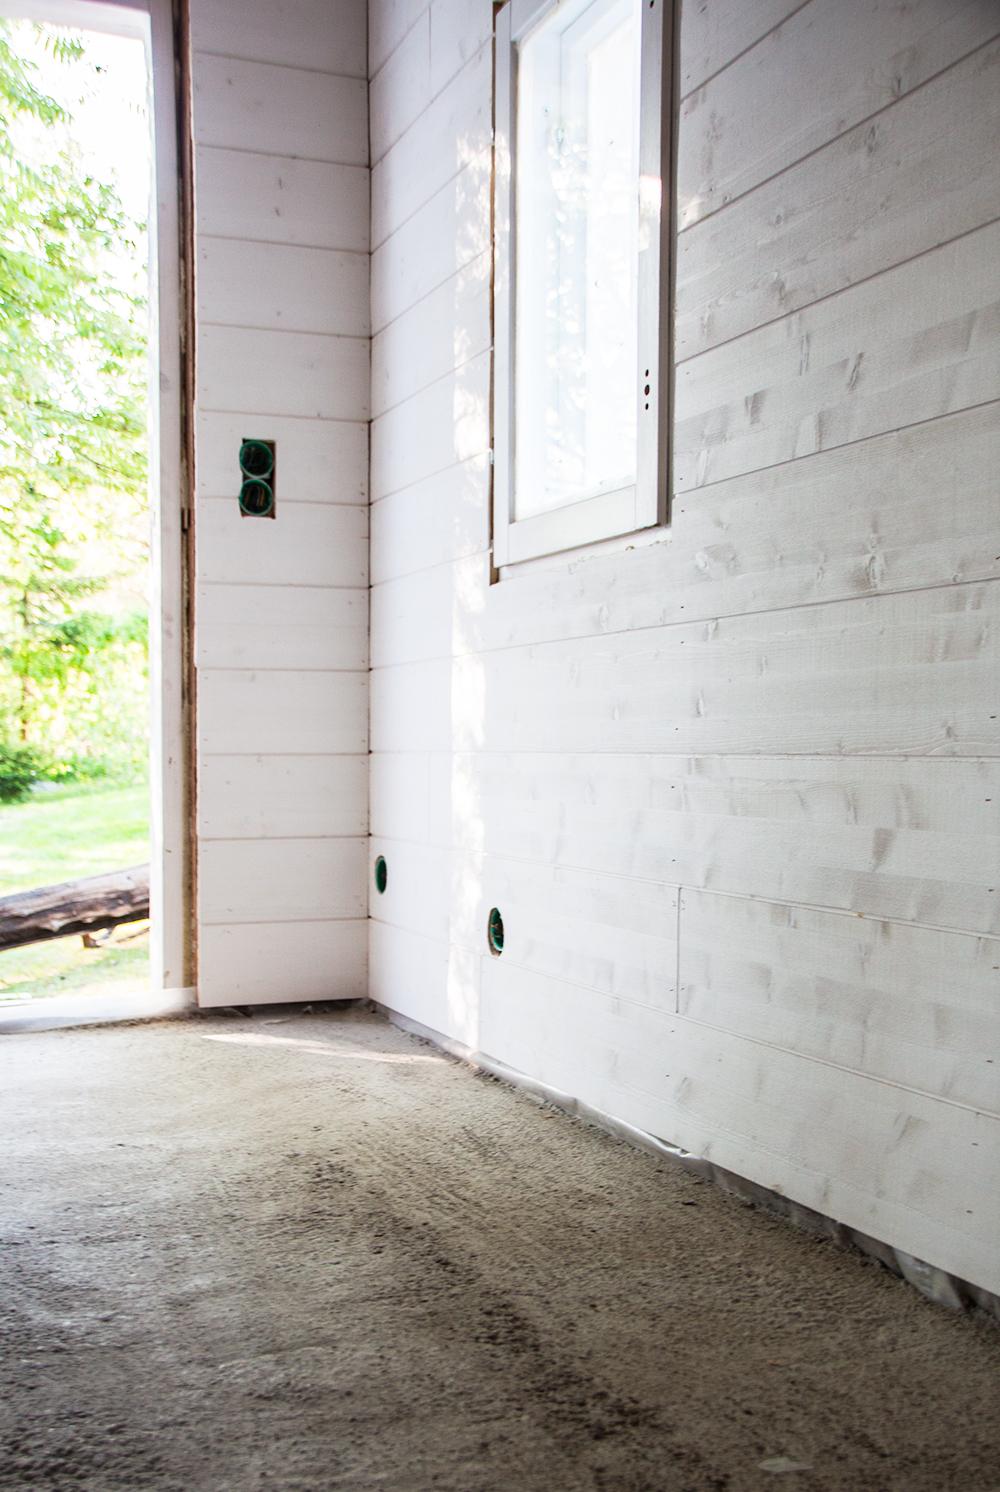 Rantarakennus edistyy – lattialämmitystä ja paneelivalintoja.